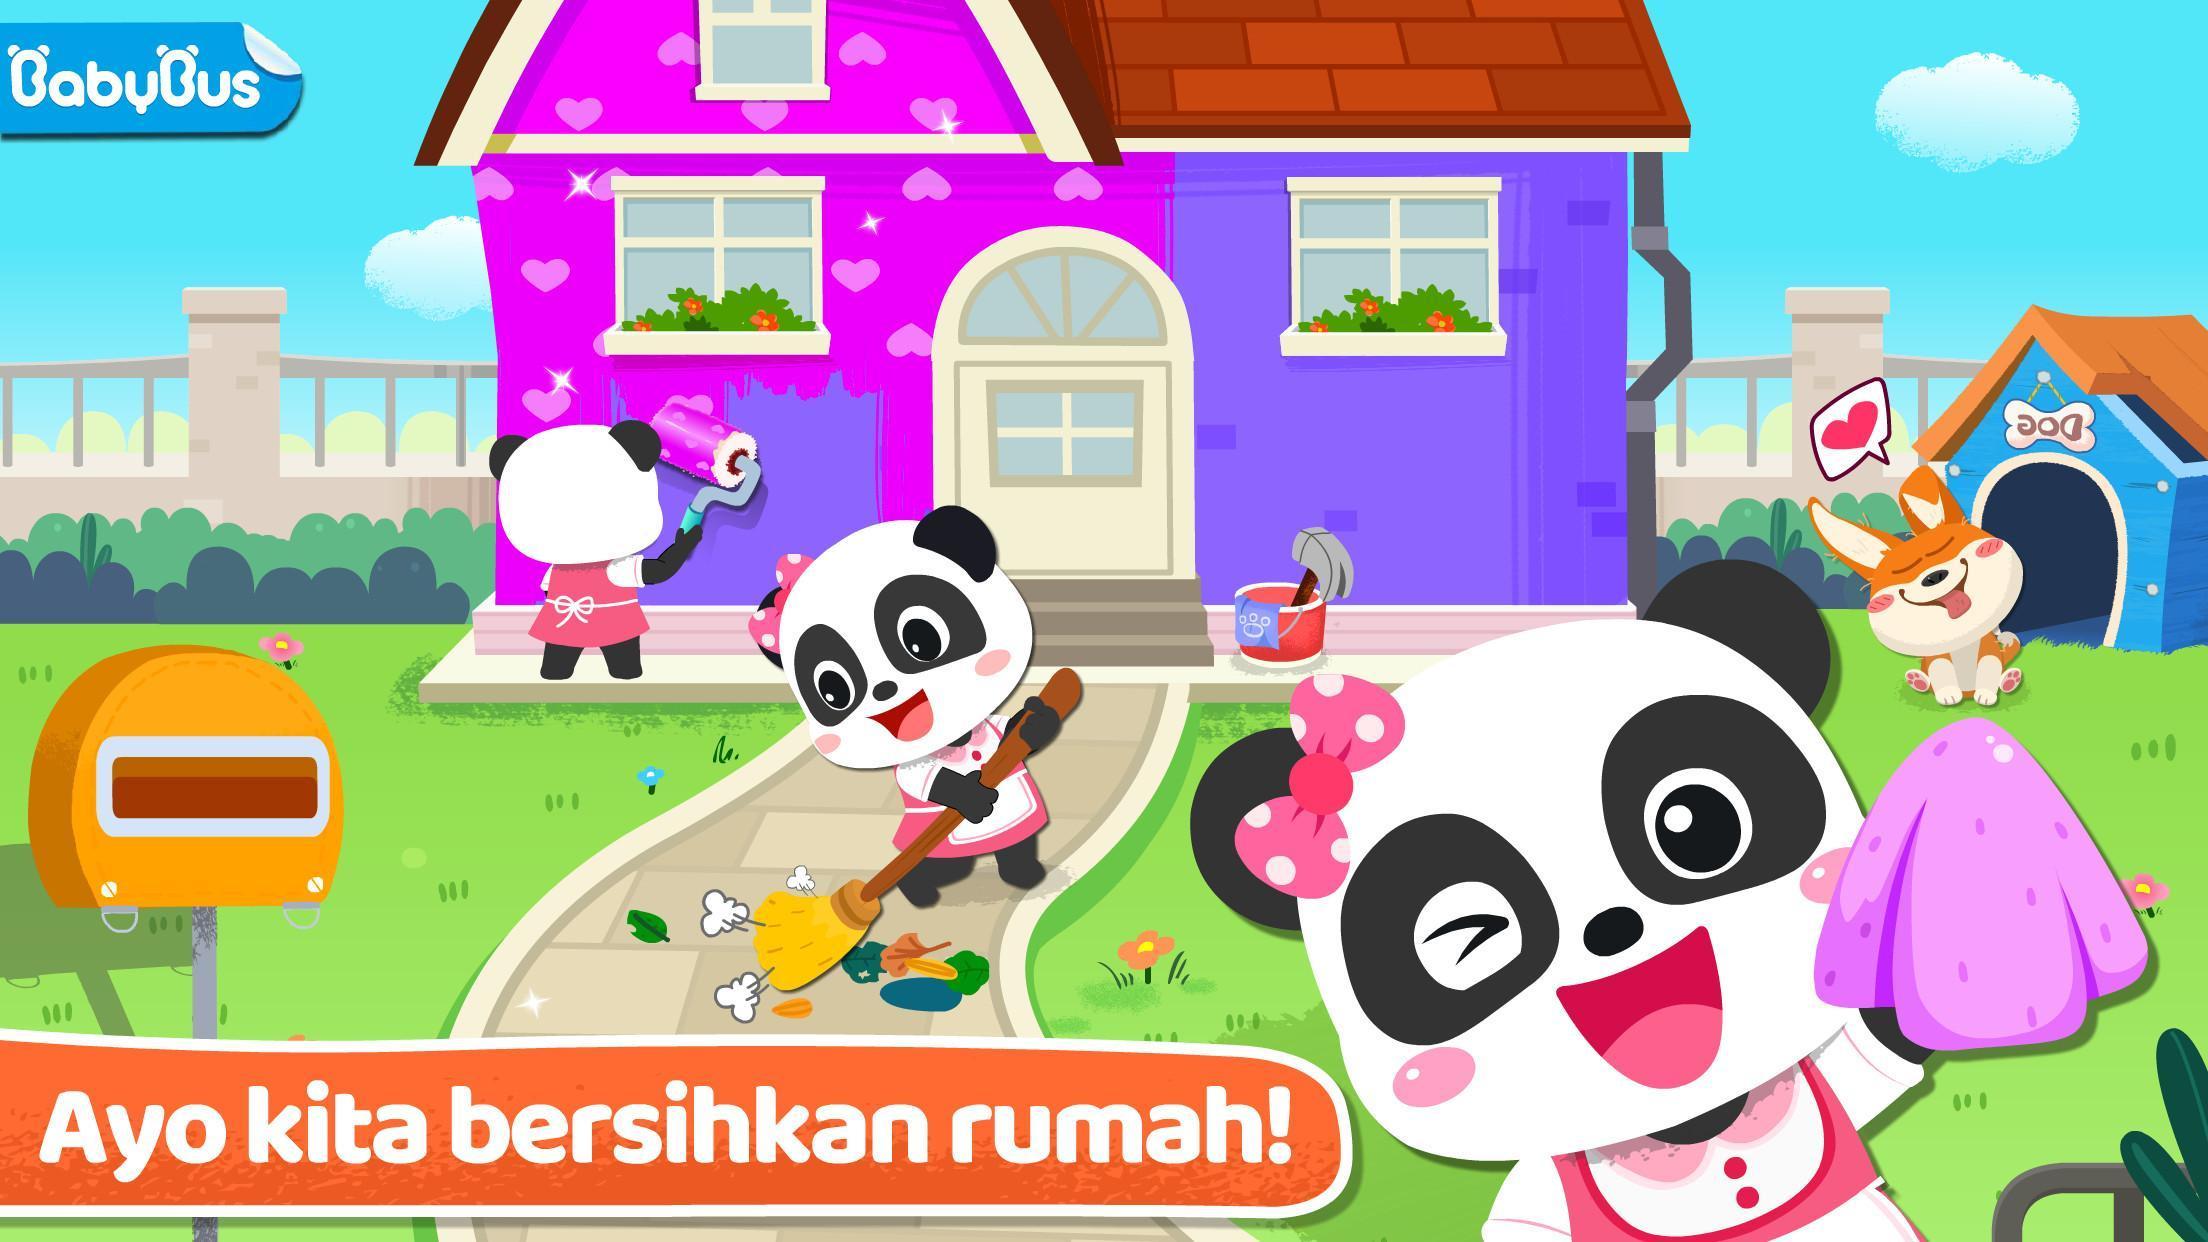 Membersihkan Rumah Bayi Panda For Android APK Download